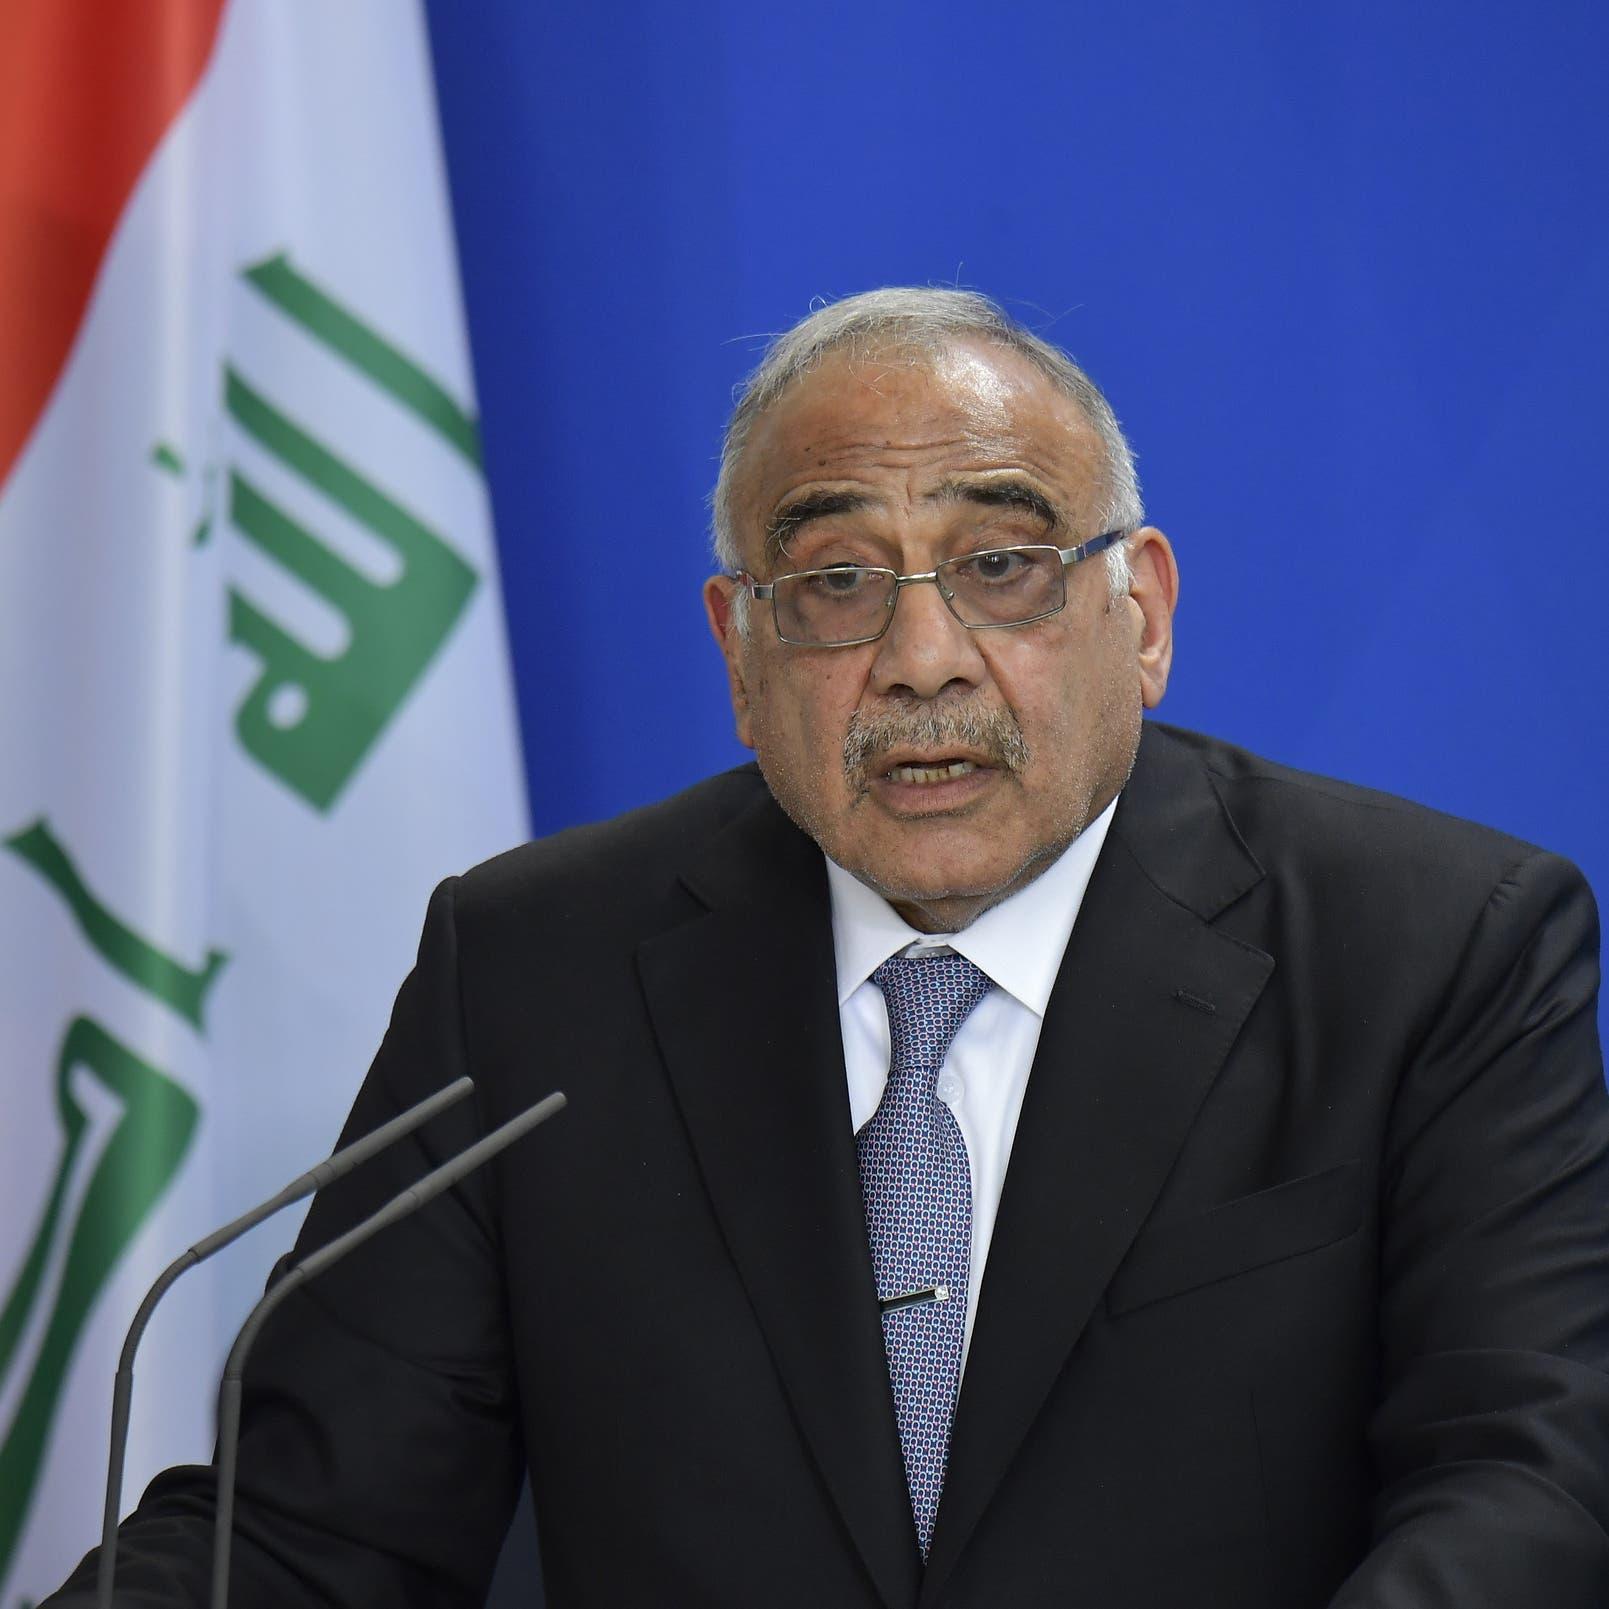 رئيس وزراء العراق: أوامر بالقبض على 11 وزيراً بتهم فساد